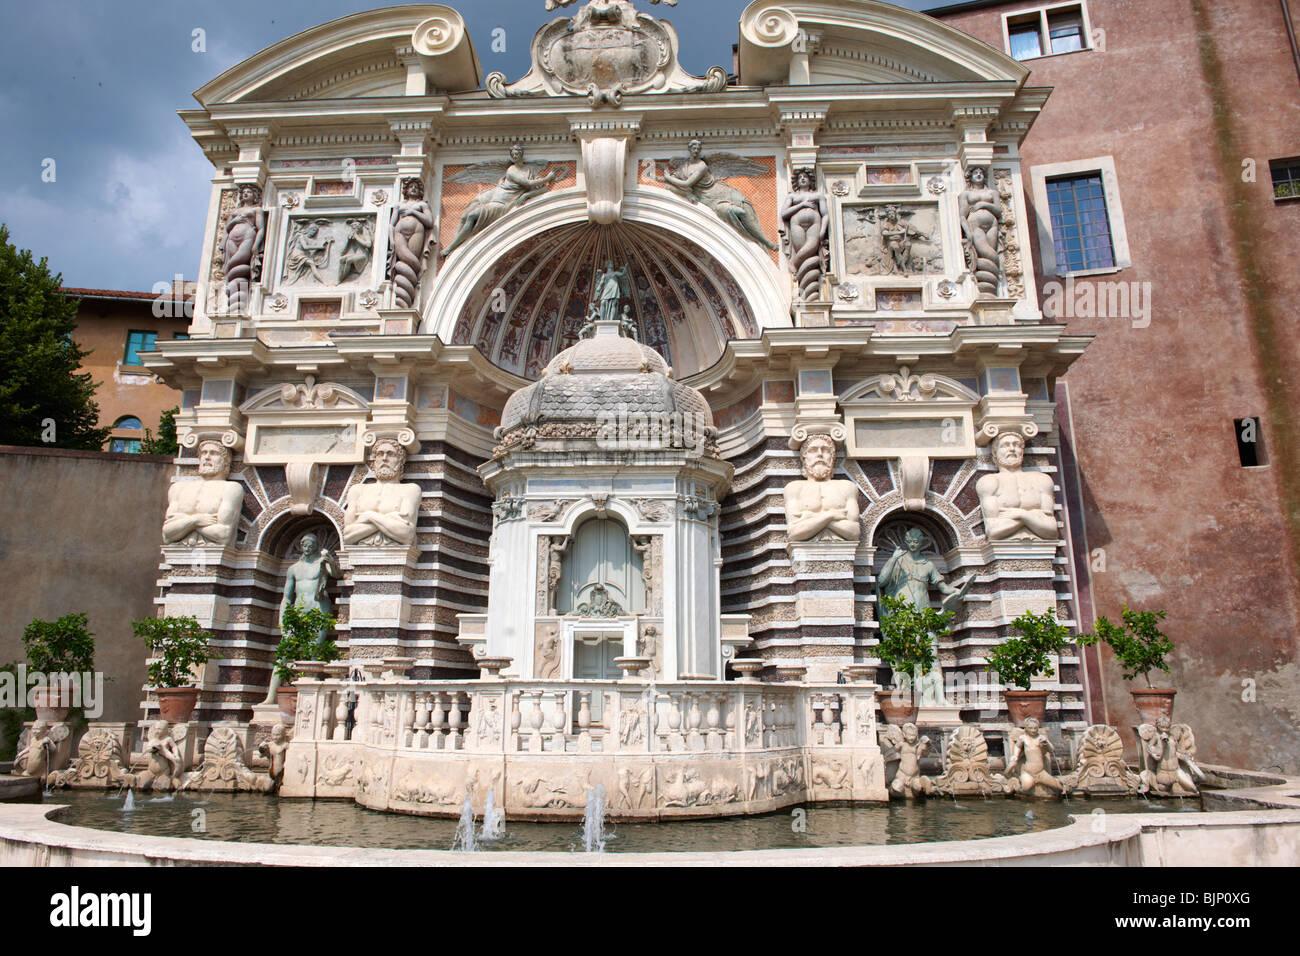 L'Orgue Fontaine, 1566, l'organe d'habitation pipies entraînée par l'air des fontaines. Photo Stock